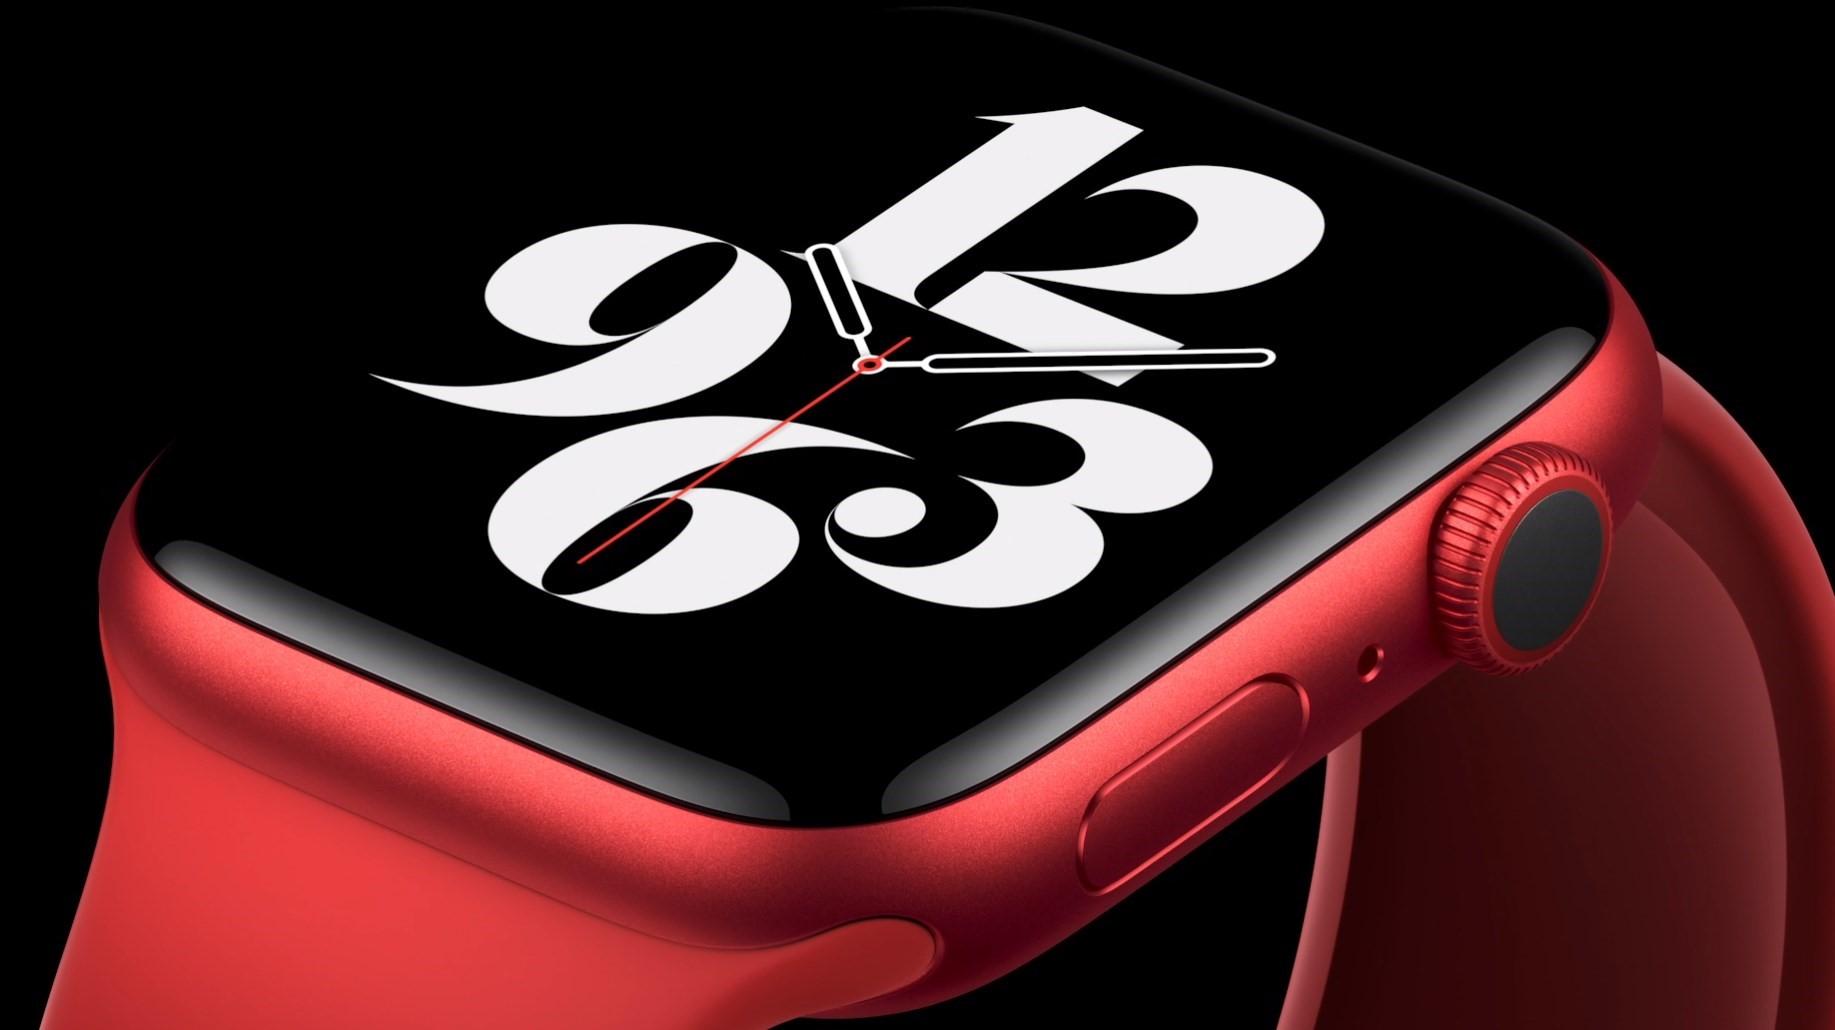 Cận cảnh Apple Watch Series 6: Đo được nồng độ oxy trong máu, thêm nhiều màu sắc, giá từ 9 triệu đồng - Ảnh 5.